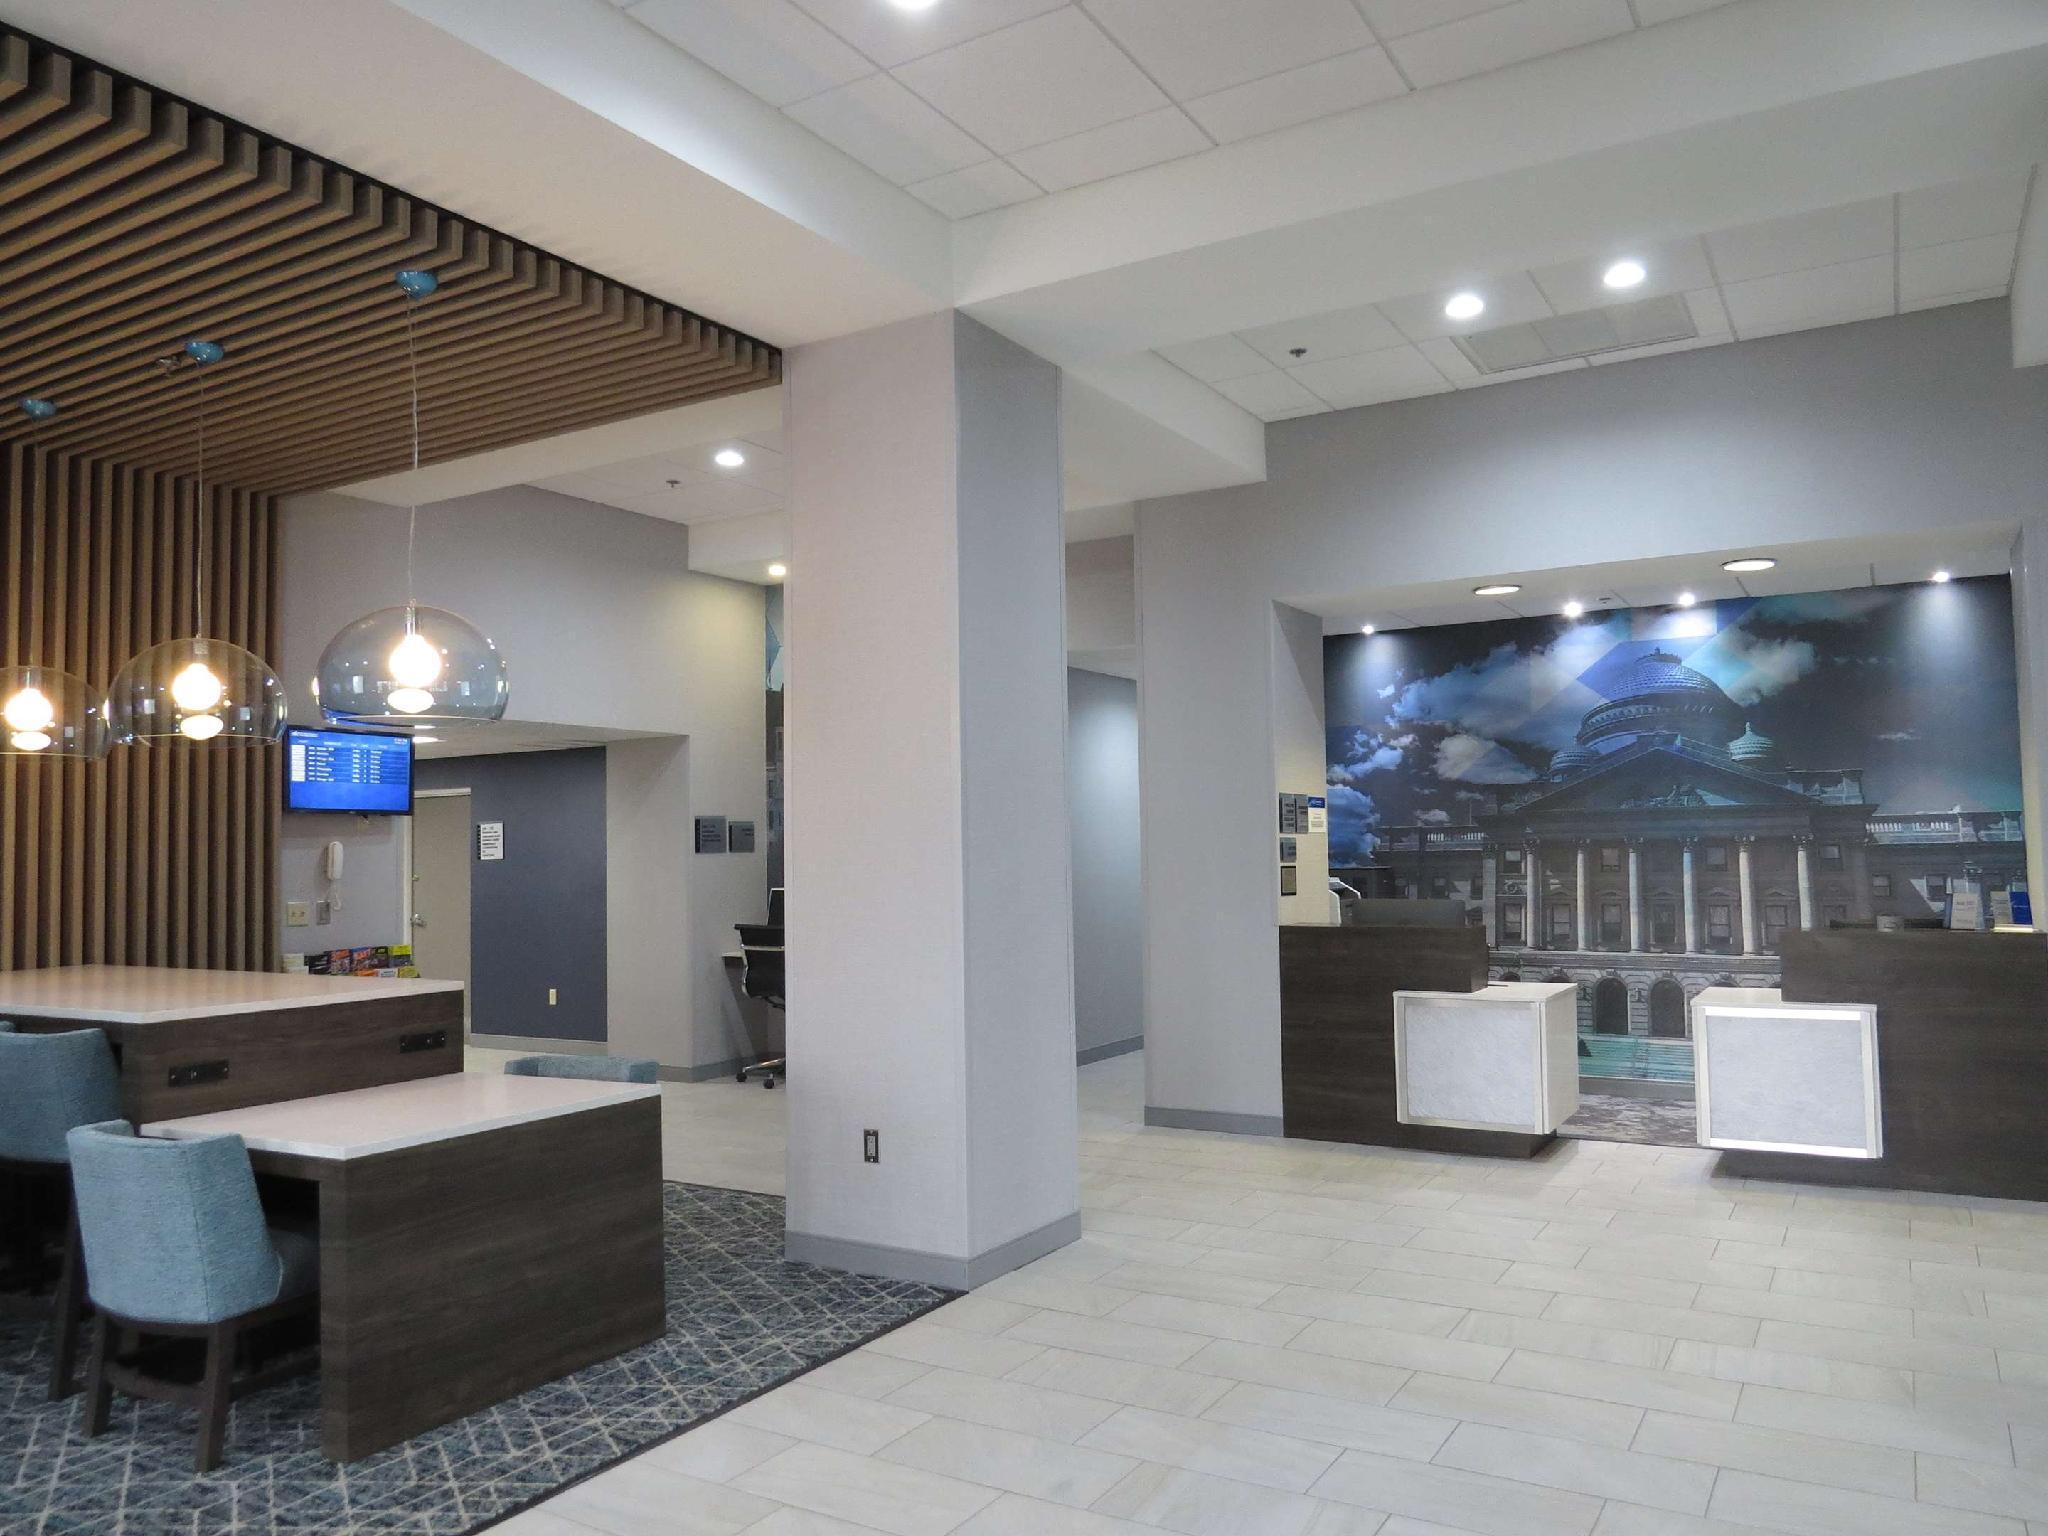 Best Western Plus Wilkes Barre Scranton Airport Hotel